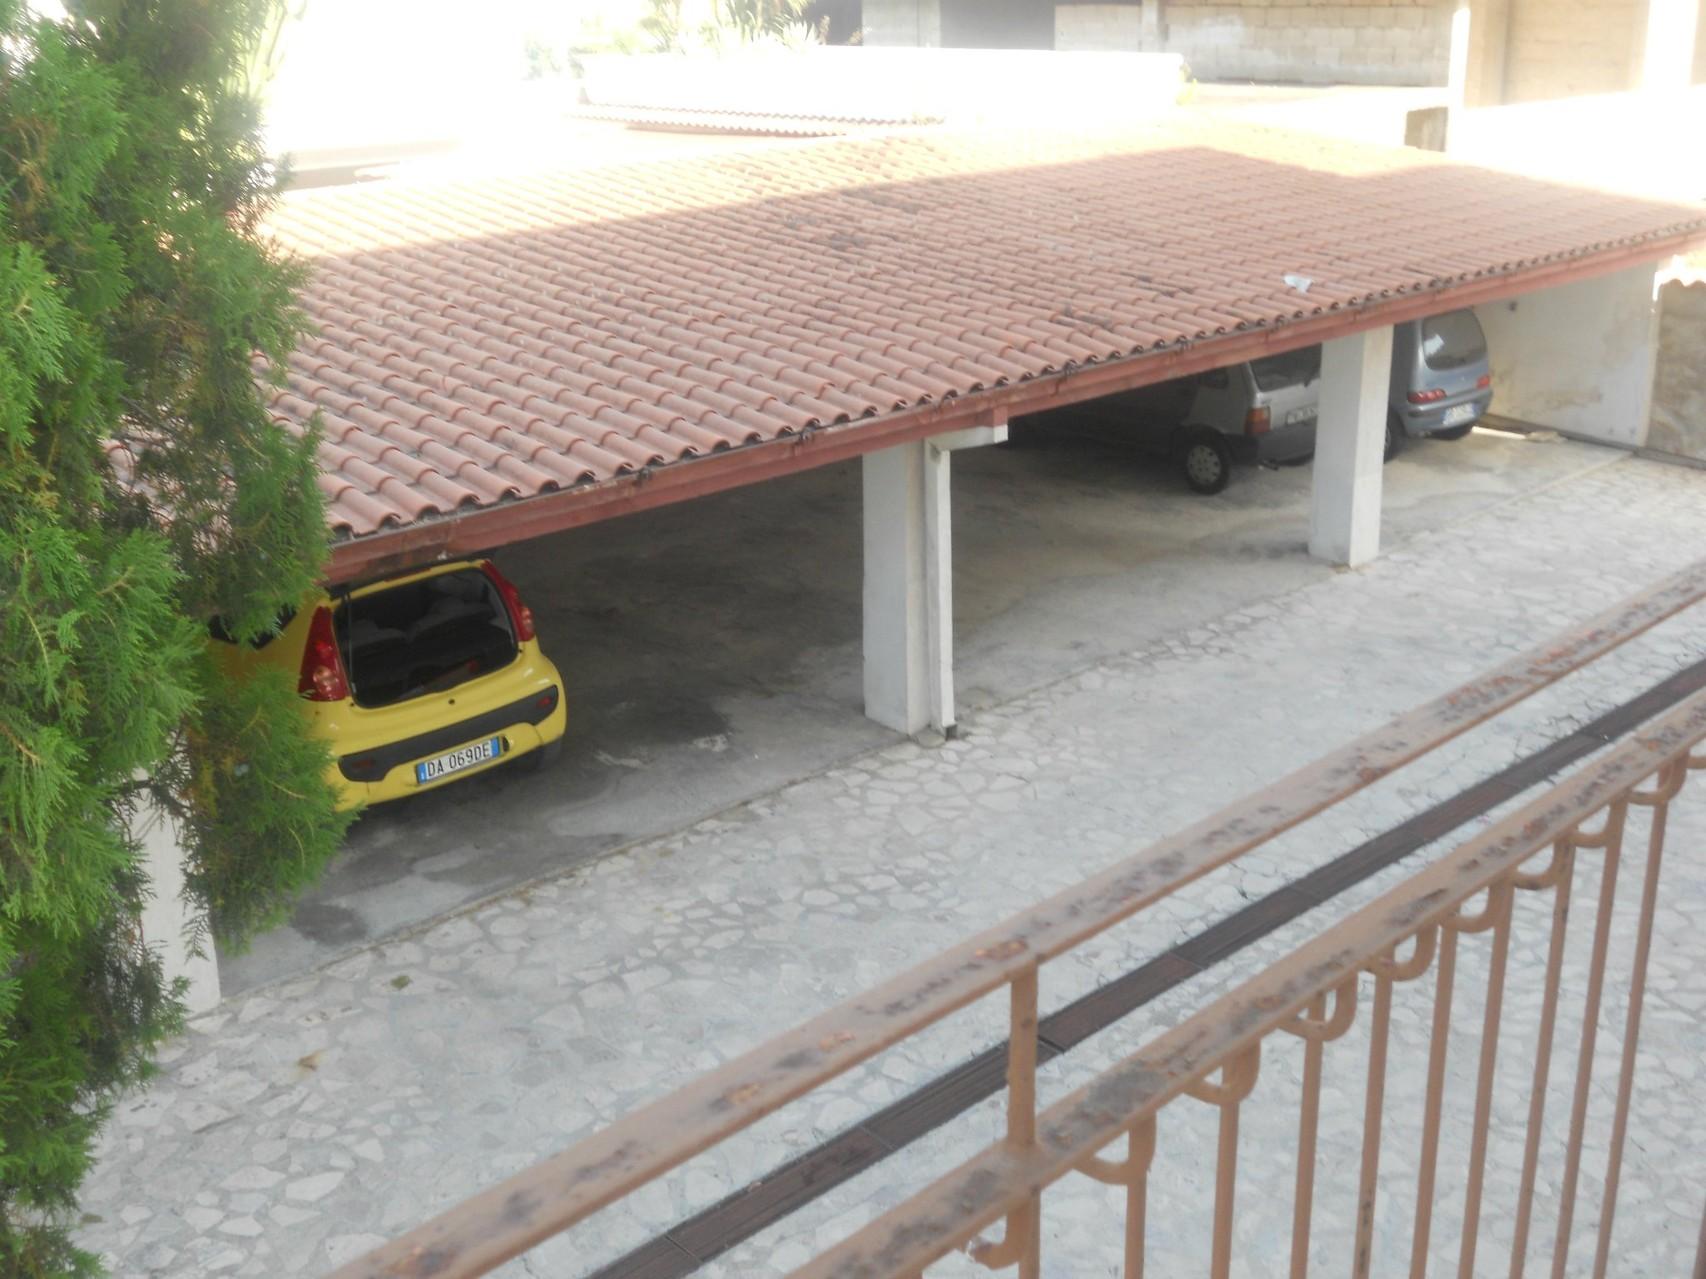 Garage van bovenaf gezien.